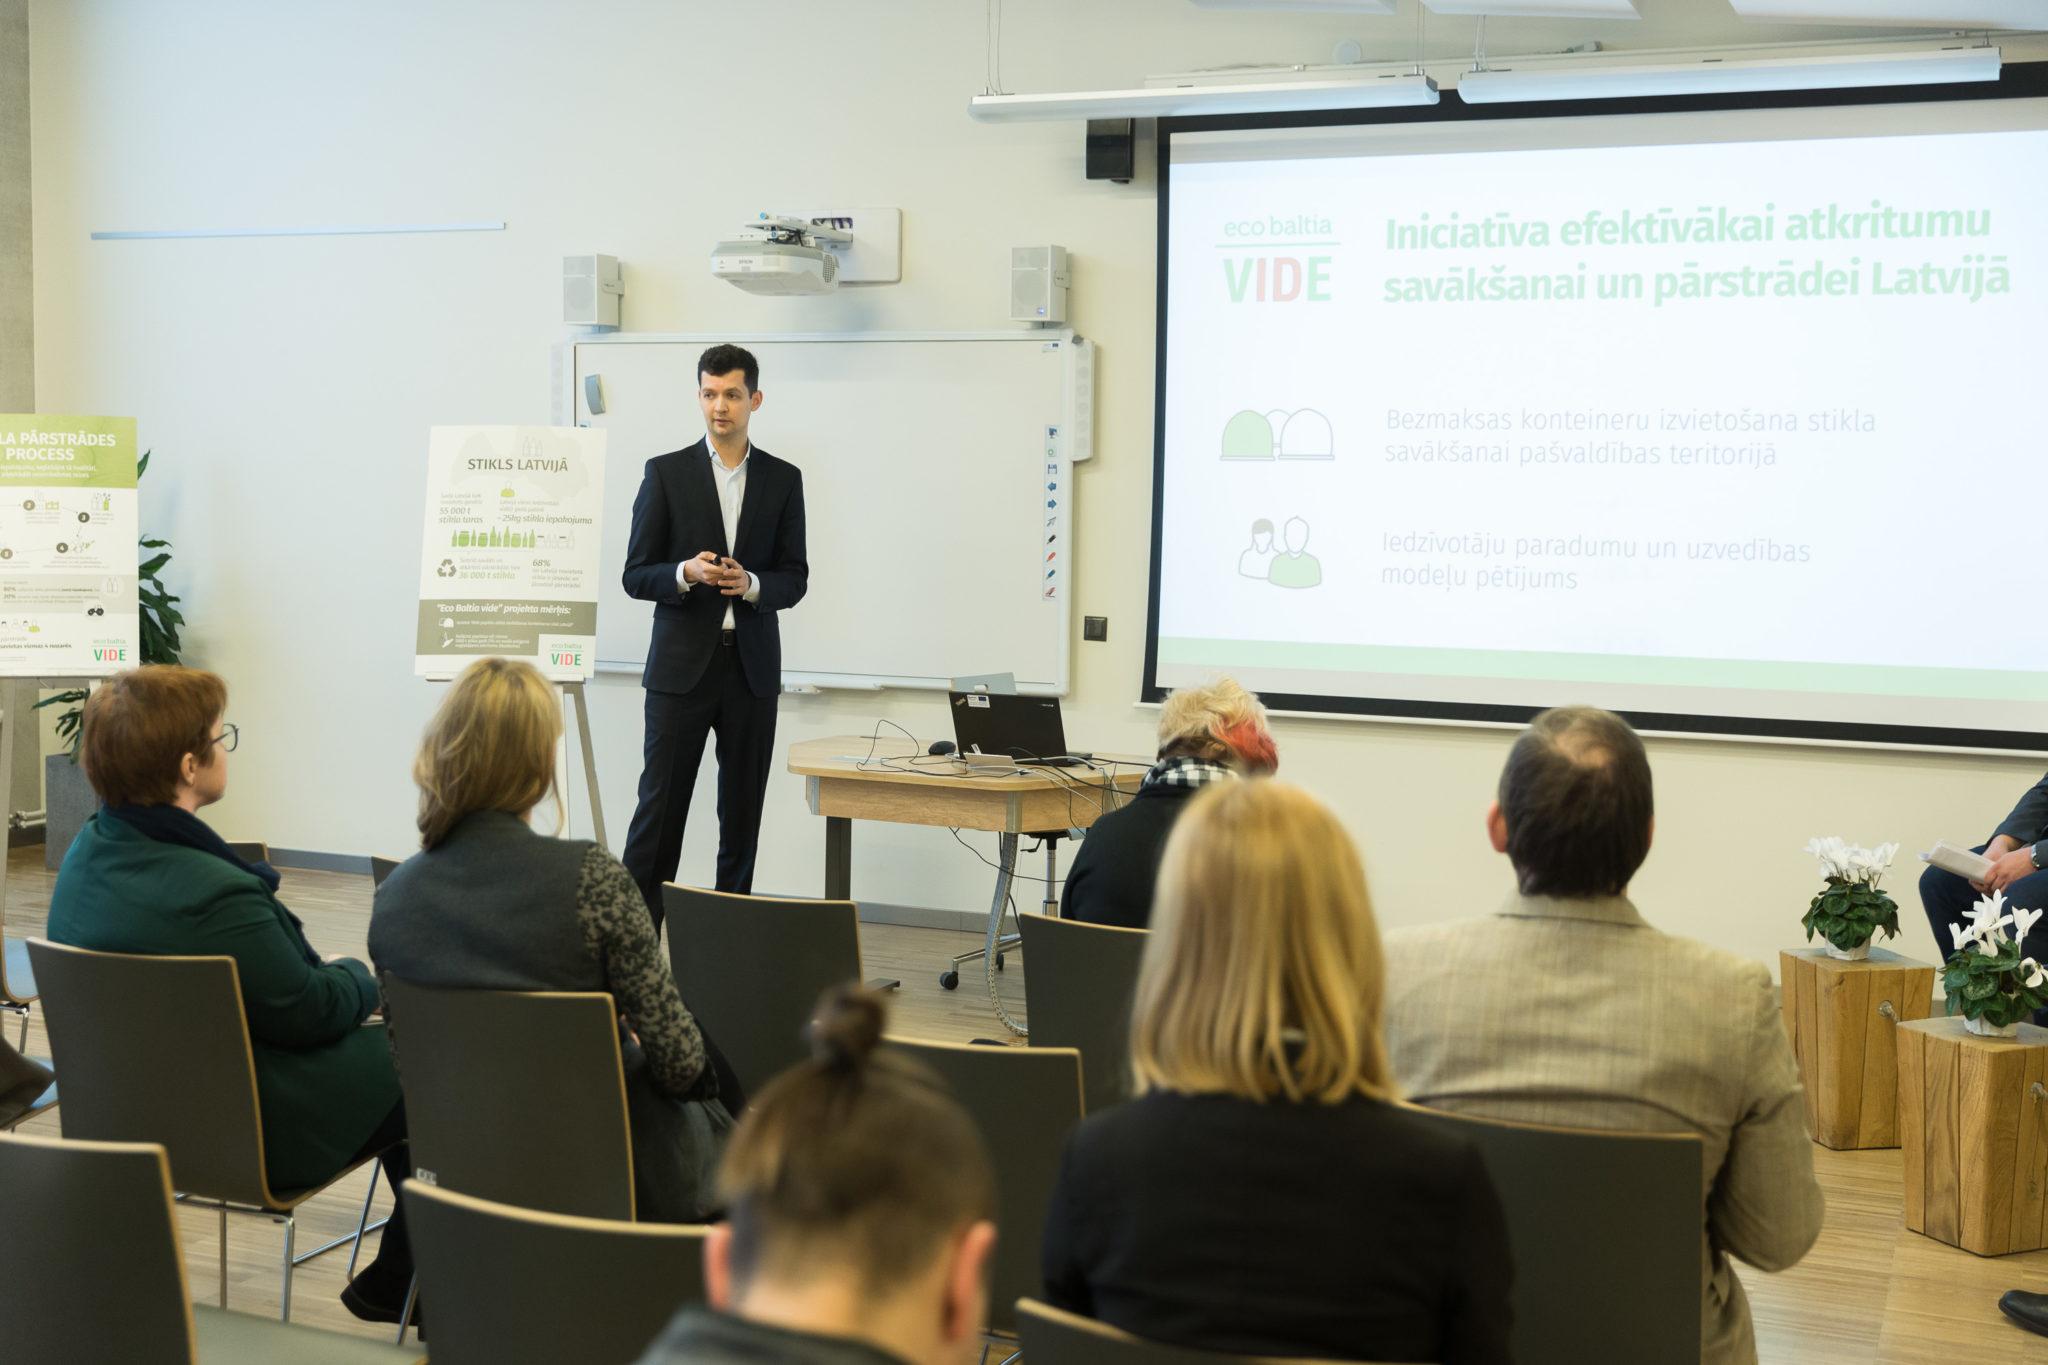 """Iesaistot pašvaldības, """"Eco Baltia vide"""" šogad plāno izvietot papildus 1000 konteinerus stikla savākšanai"""